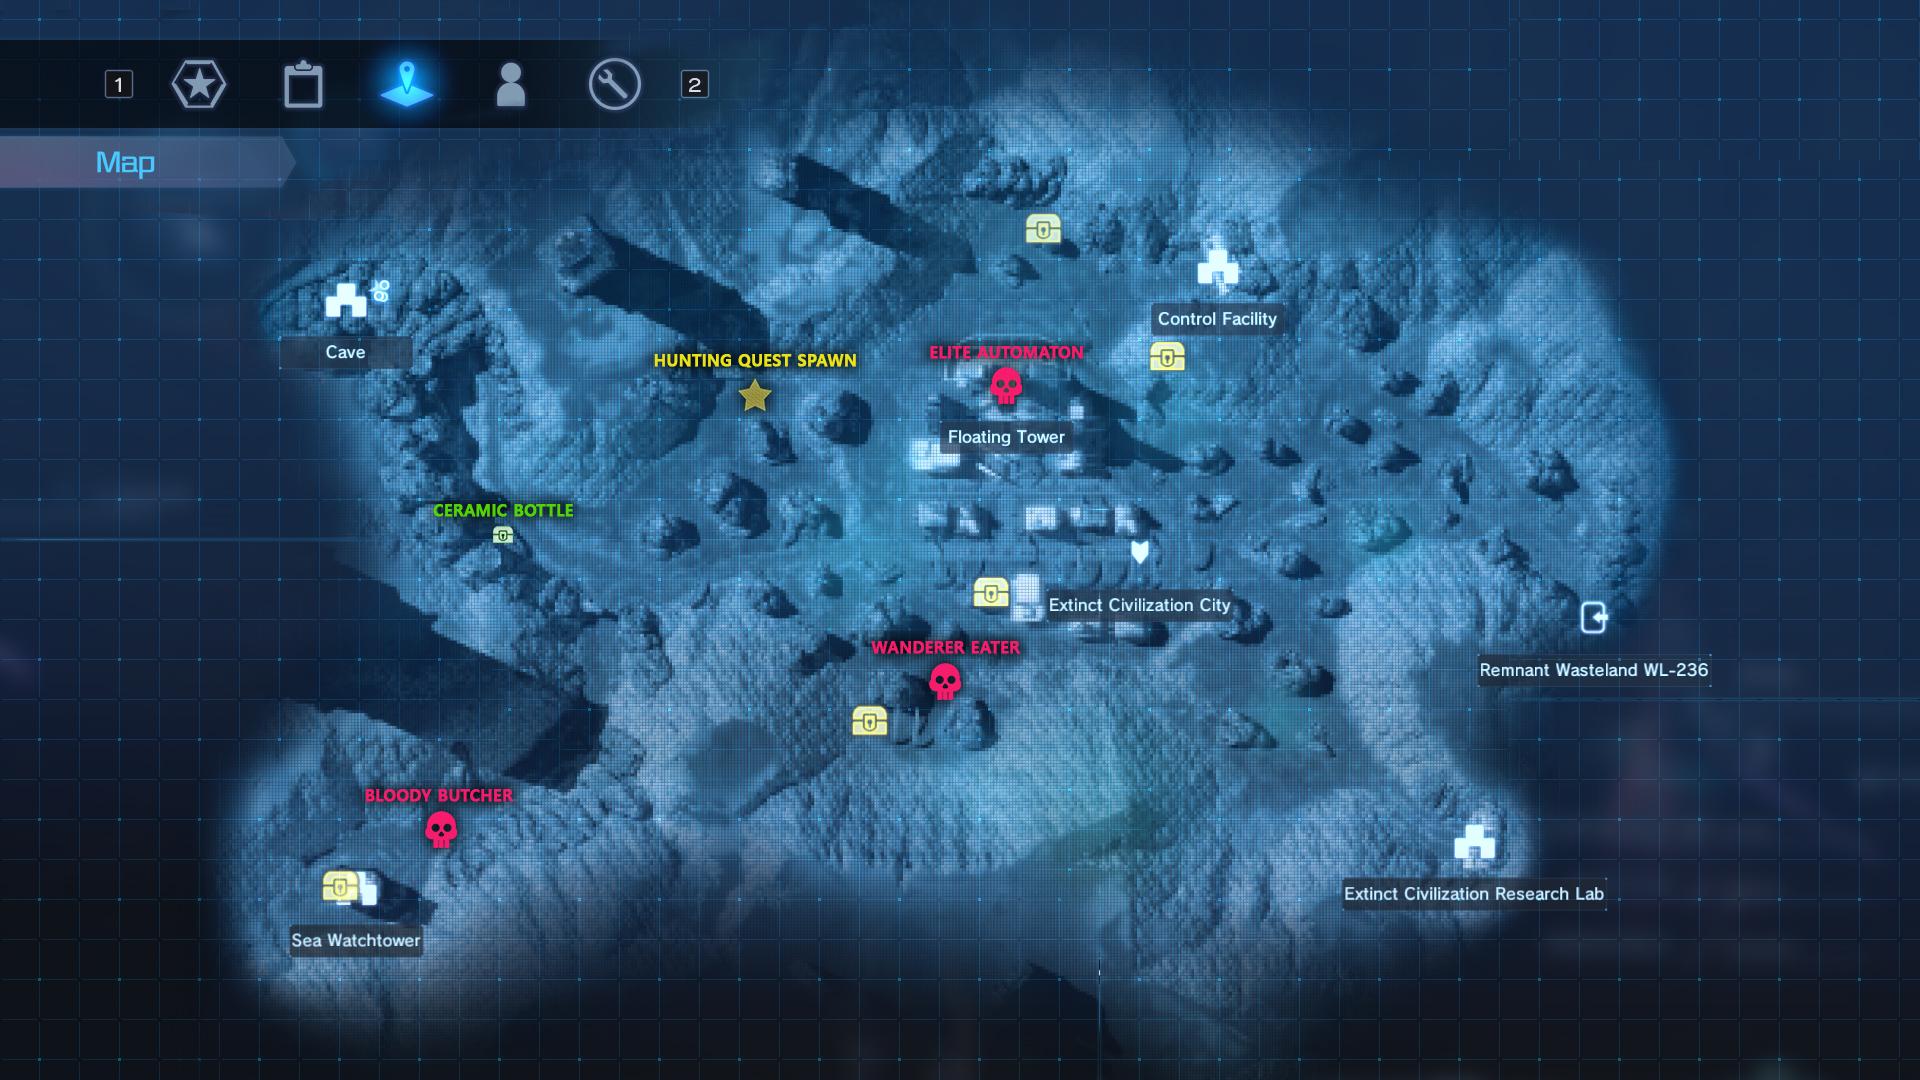 Steam Community Guide Maps Of Ggo